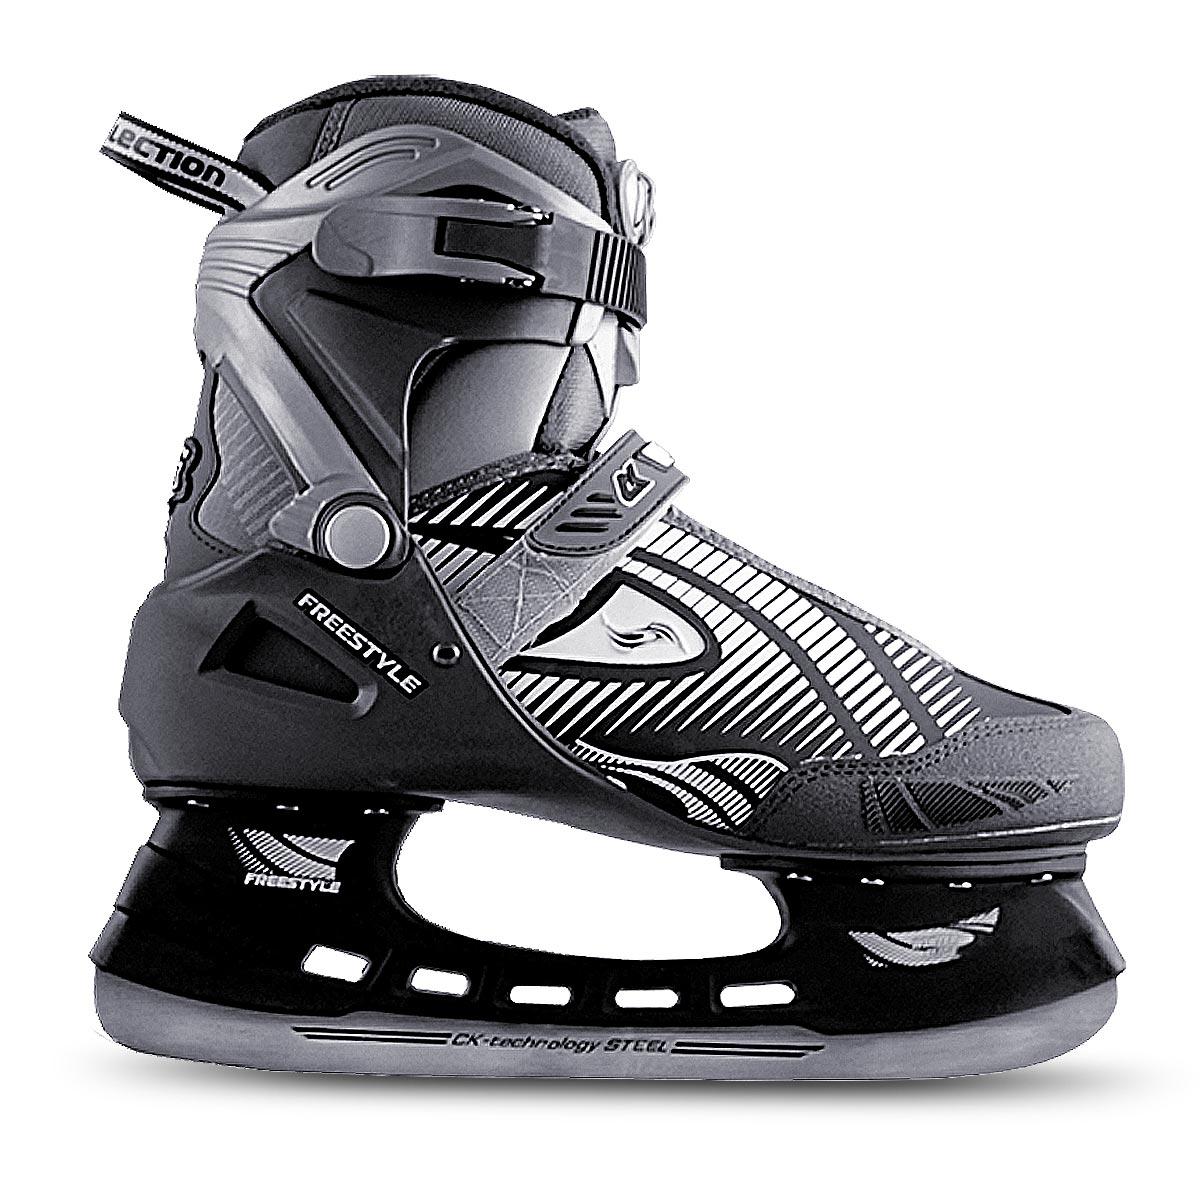 Коньки хоккейные мужские СК Freestyle, цвет: серый, черный. Размер 44FREESTYLE_серый, черный_44Оригинальные мужские коньки от CK Freestyle с ударопрочной защитной конструкцией прекрасно подойдут для начинающих игроков в хоккей. Сапожок, выполненный из комбинации ПВХ, морозостойкой искусственной кожи, нейлона и капровелюра, обеспечит тепло и комфорт во время катания. Внутренний слой изготовлен из фланелета, а стелька - из текстиля. Пластиковая бакля и шнуровка с фиксатором, а также хлястик на липучке надежно фиксируют голеностоп. Плотный мысок и усиленный задник оберегают ногу от ушибов. Фигурное лезвие изготовлено из углеродистой нержавеющей стали со специальным покрытием, придающим дополнительную прочность. Изделие по верху декорировано оригинальным принтом и тиснением в виде логотипа бренда. Задняя часть коньков дополнена широким ярлычком для более удобного надевания обуви. Стильные коньки придутся вам по душе.